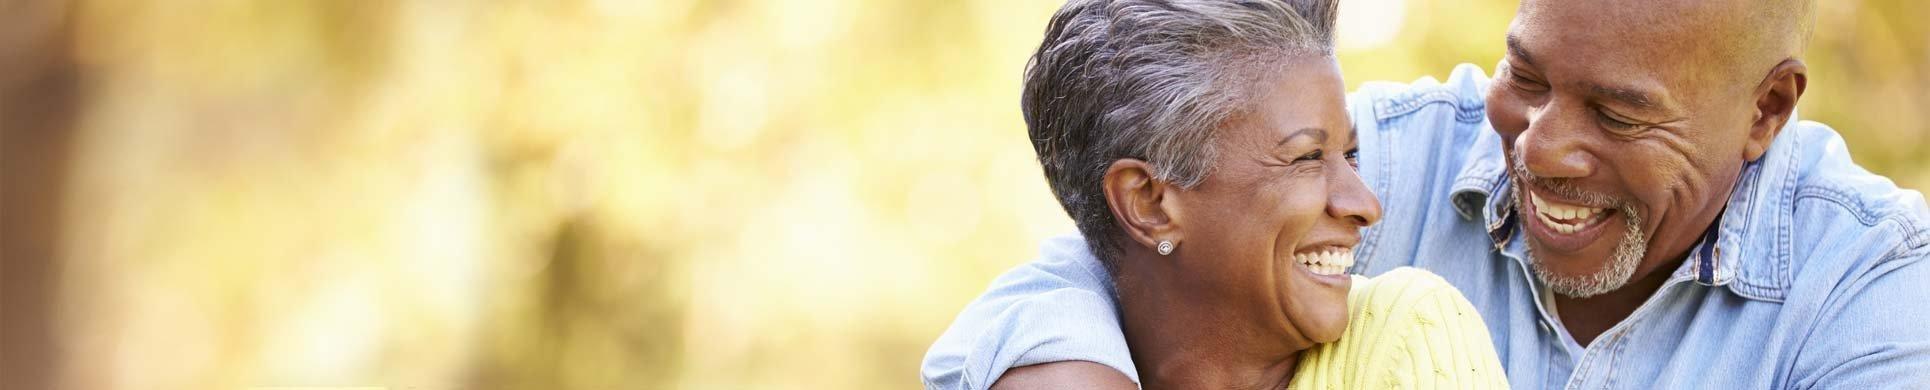 Symptoms Of Type 1 Diabetes In Adults: Signs Of Adult Sugar Diabetes